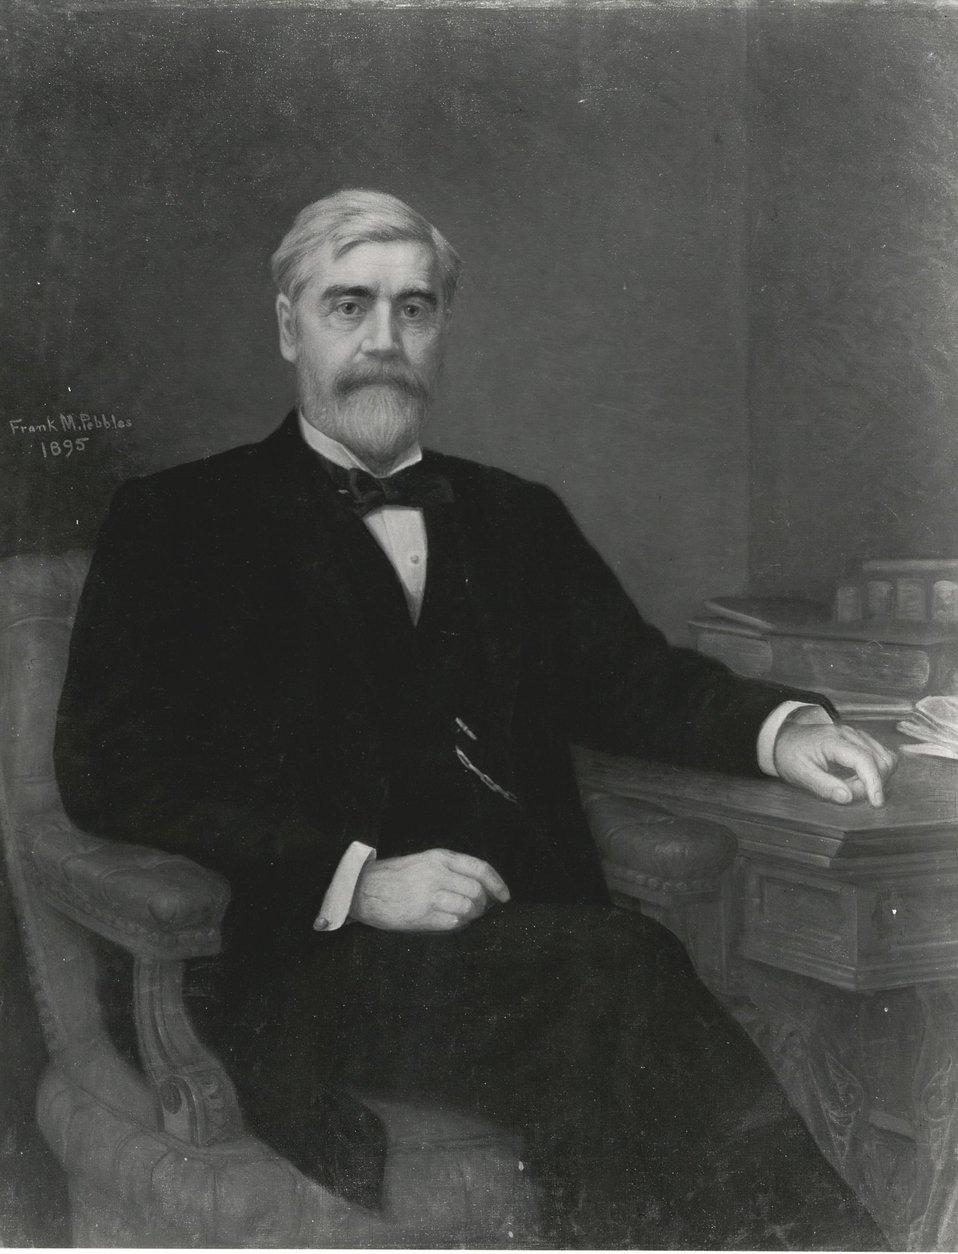 Walter Q. Greshem, U.S. Secretary of State